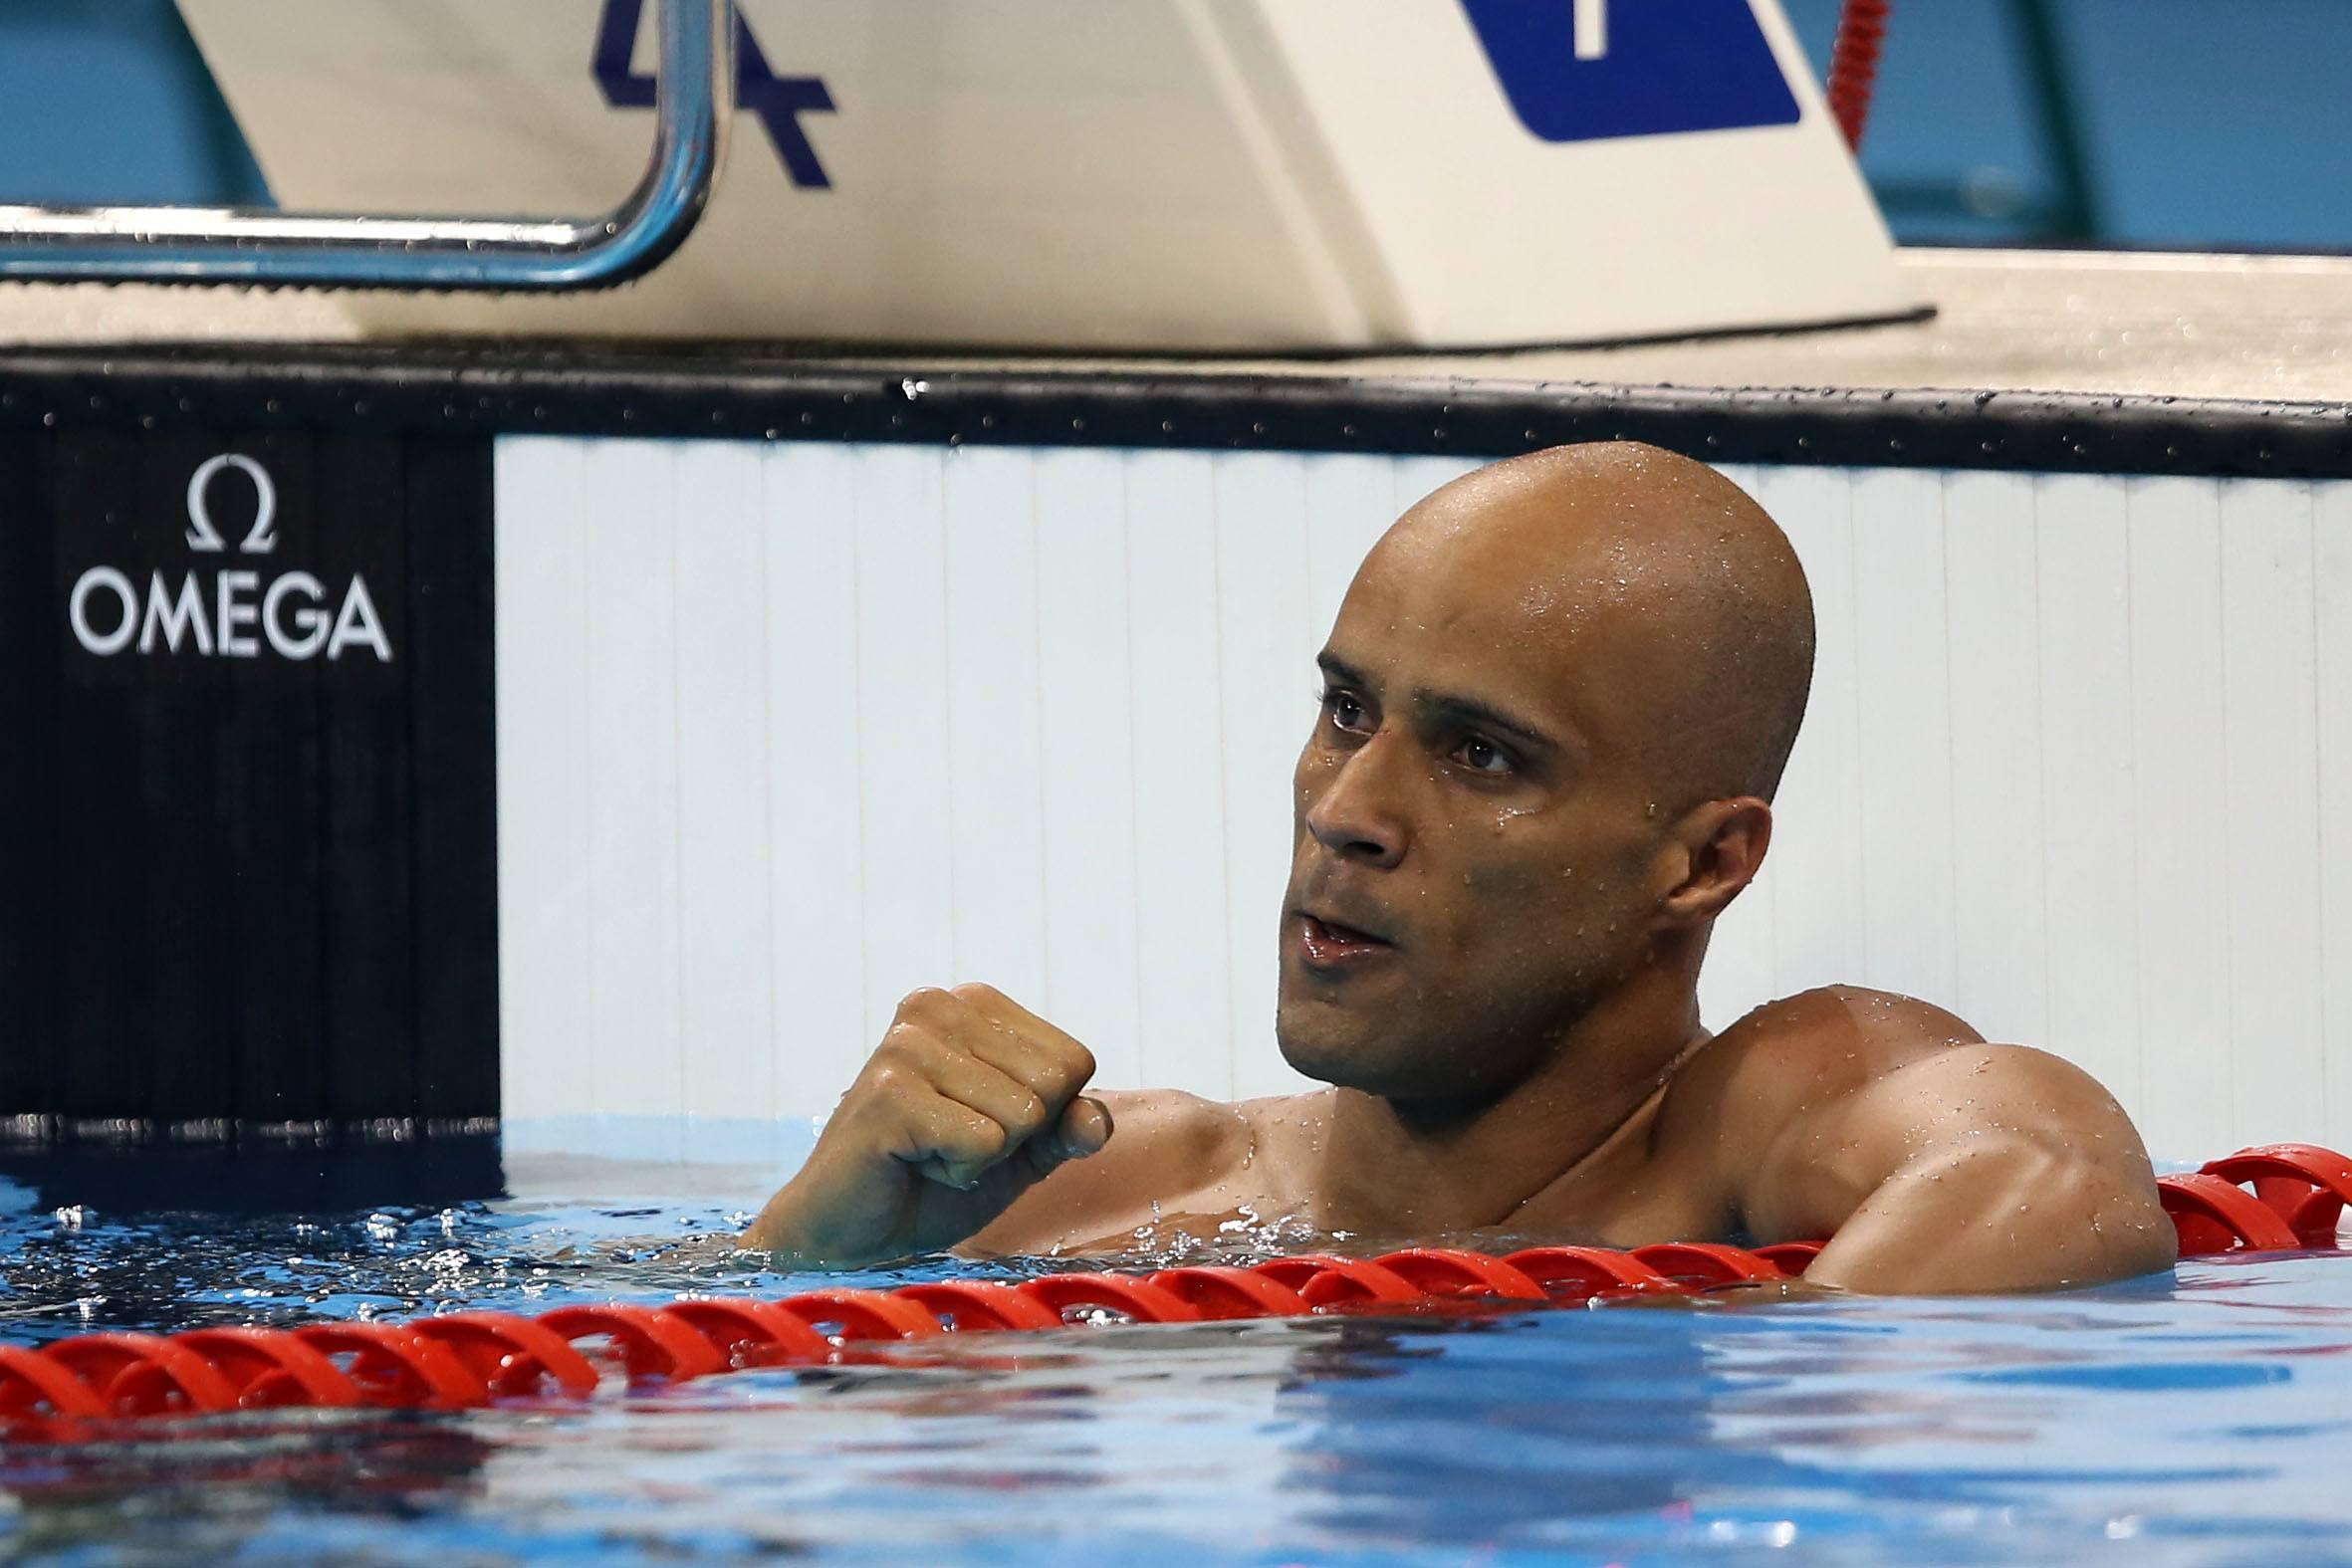 Joao Gomes. Trofeu Maria Lenk de Natacao, realizado no Centro Aquatico Olimpico. 15 de abril de 2016, Rio de Janeiro, RJ, Brasil. Foto: Satiro Sodré/ SSPress